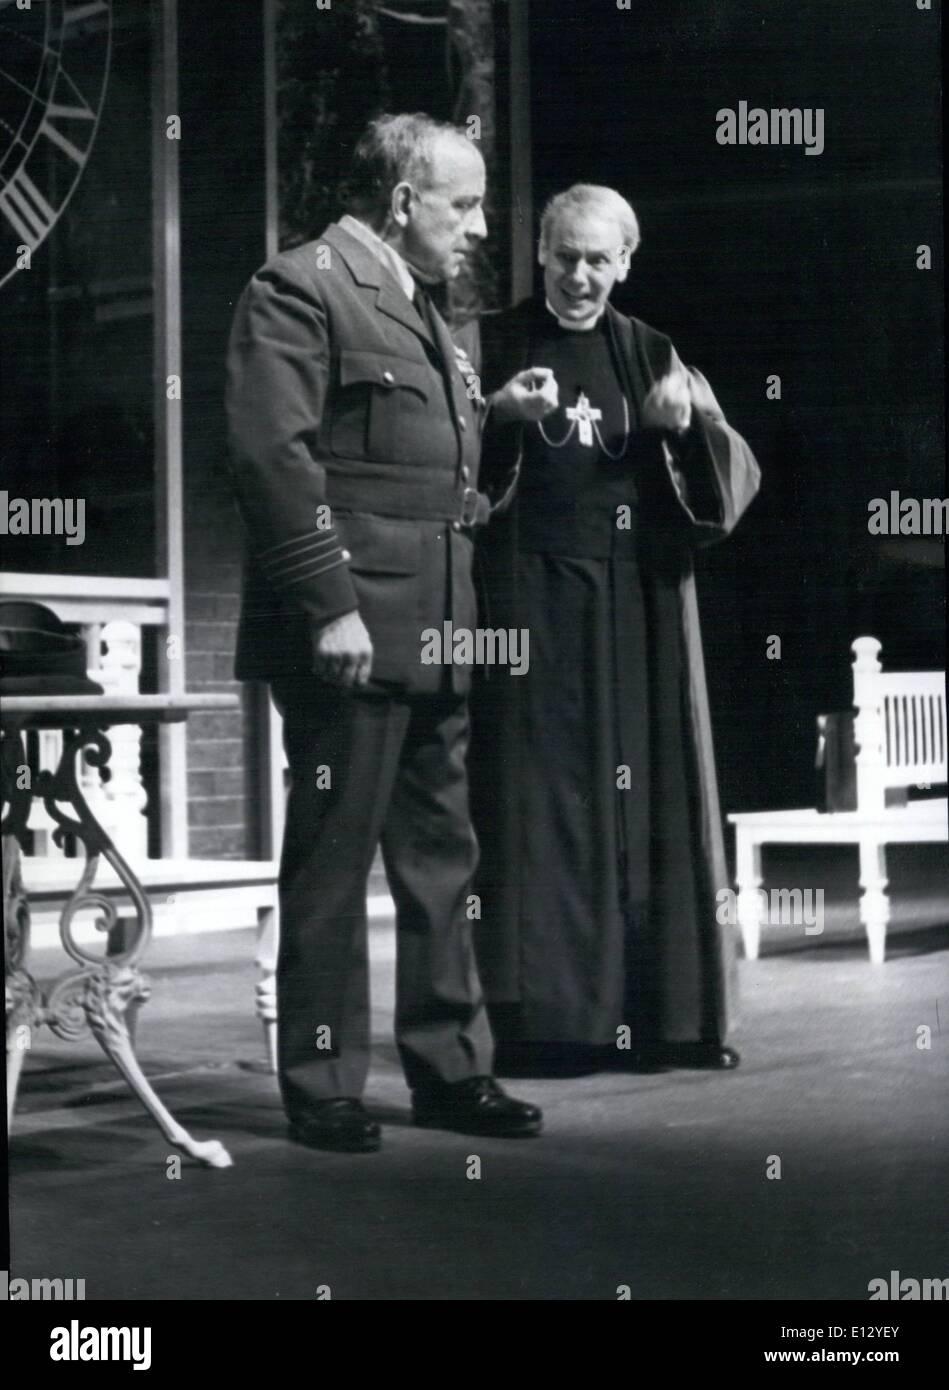 26. Februar 2012 - Welt-Premiere von Hochhuth ist '' The Soldiers'' (Soldaten) in West-Berlin (Hochhuth Stockbild